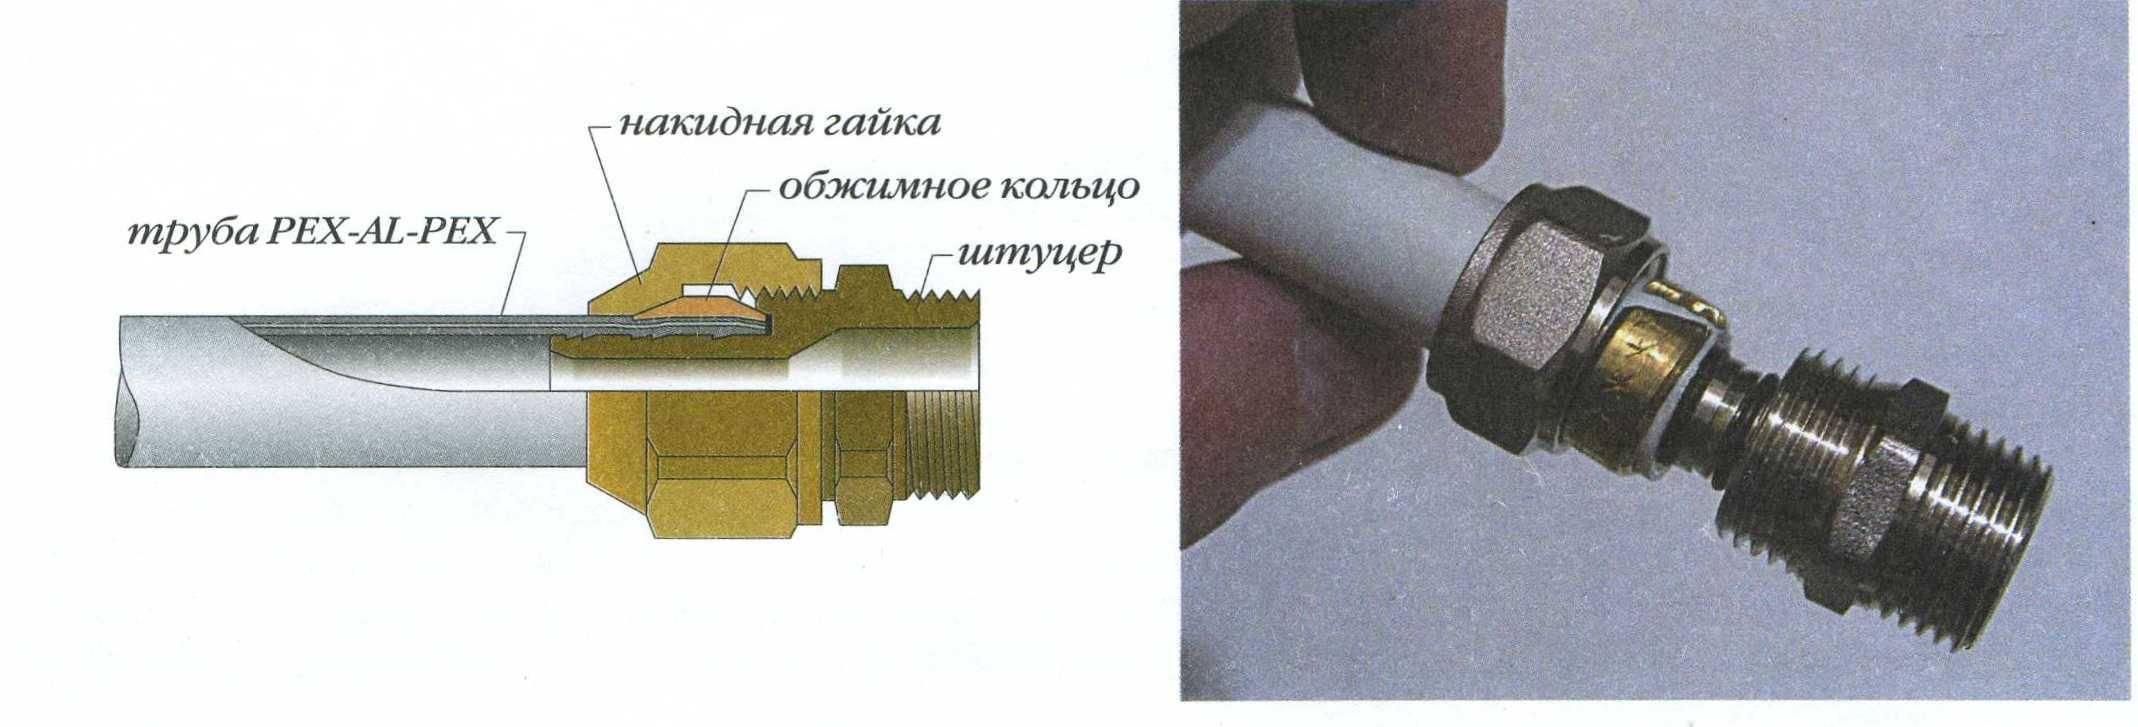 Соединение труб из сшитого полиэтилена